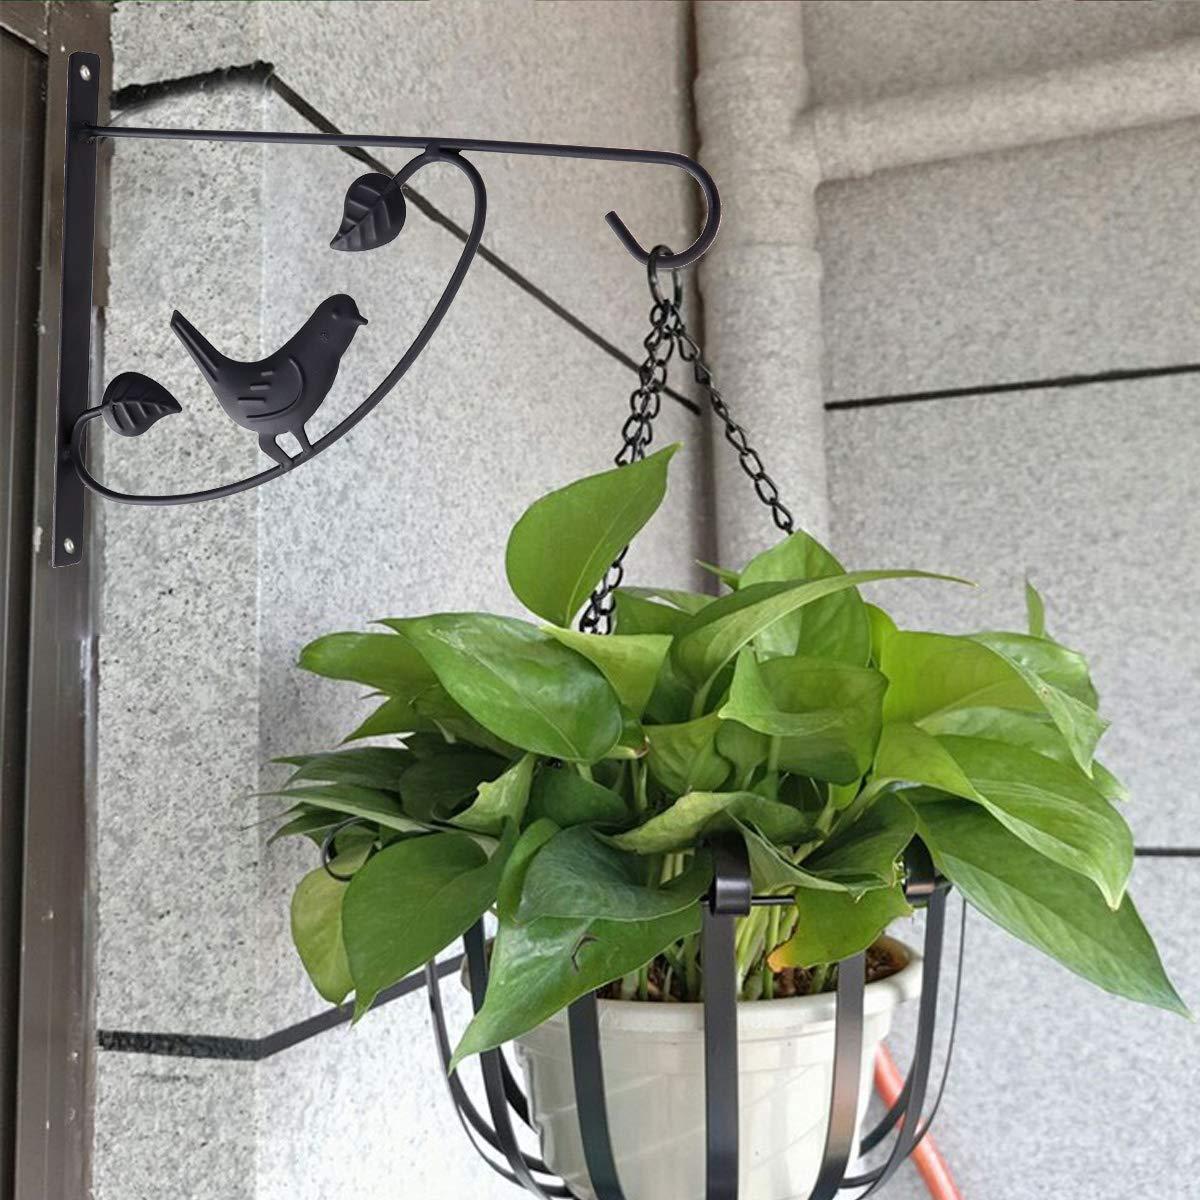 Yardwe Plantas Colgantes Soporte de Hierro Jardinera de Pared Gancho Maceta Comedero para p/ájaros Percha Cerca de jard/ín Patio al Aire Libre Patio de jard/ín